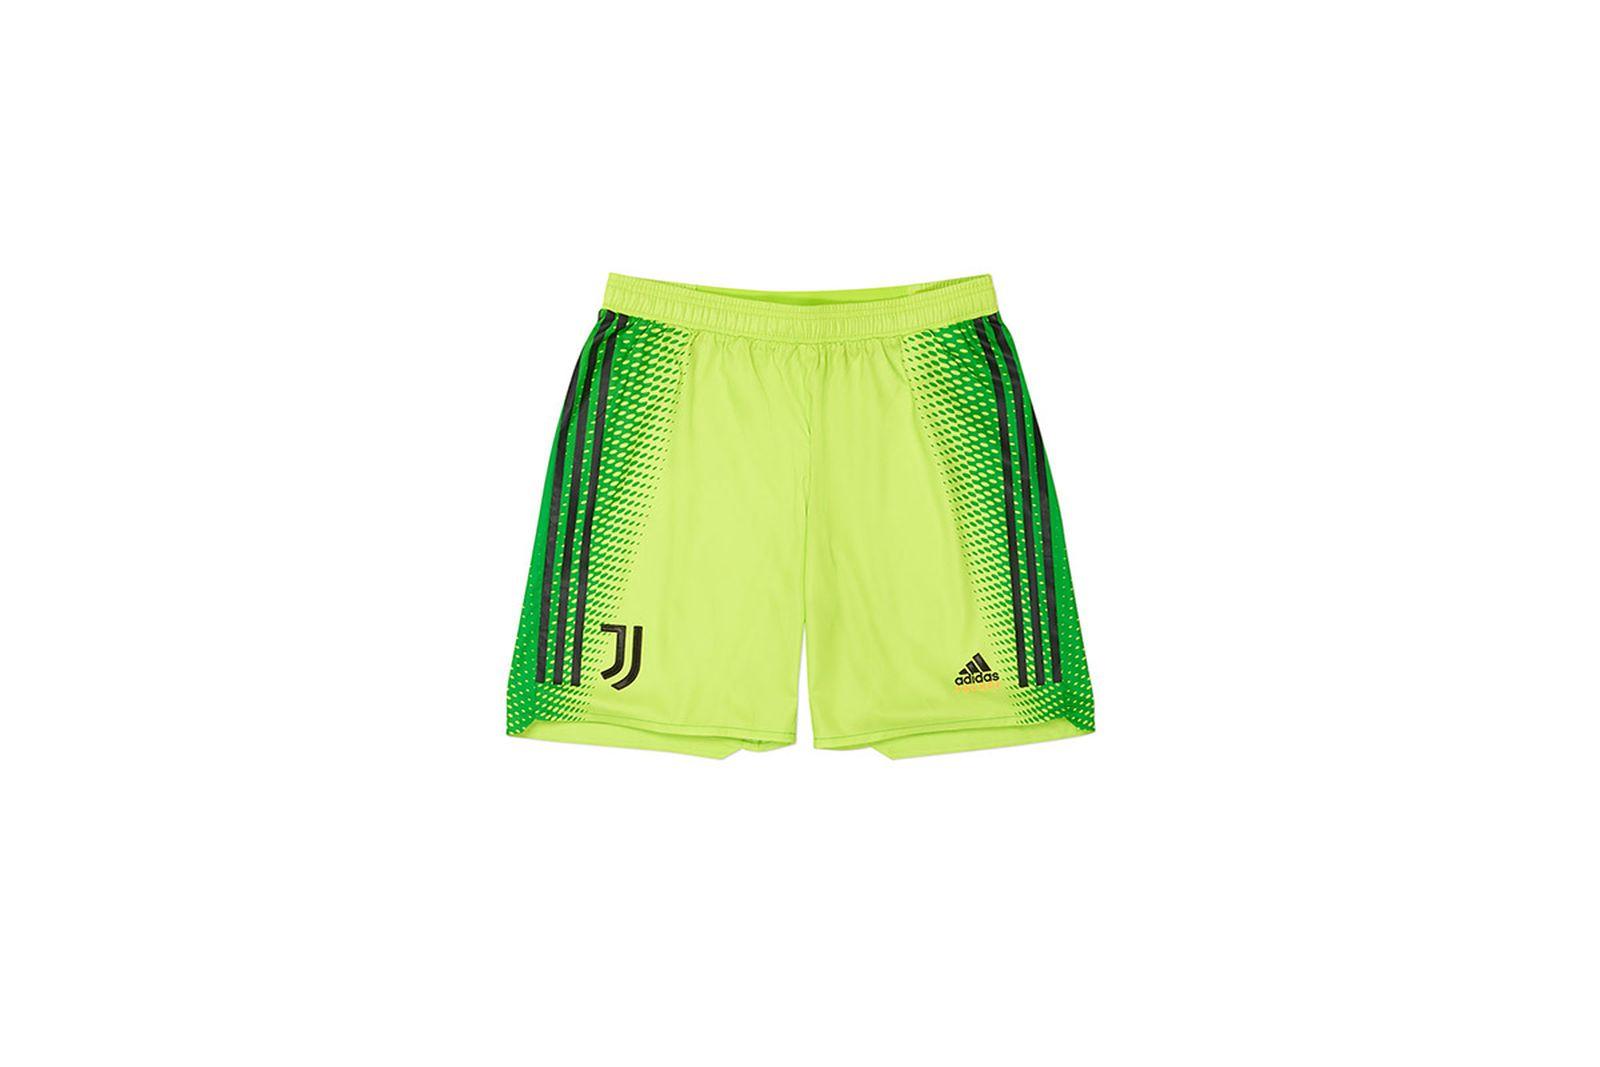 Palace-2019-Adidas-Juventus-Short-Training-green-19617